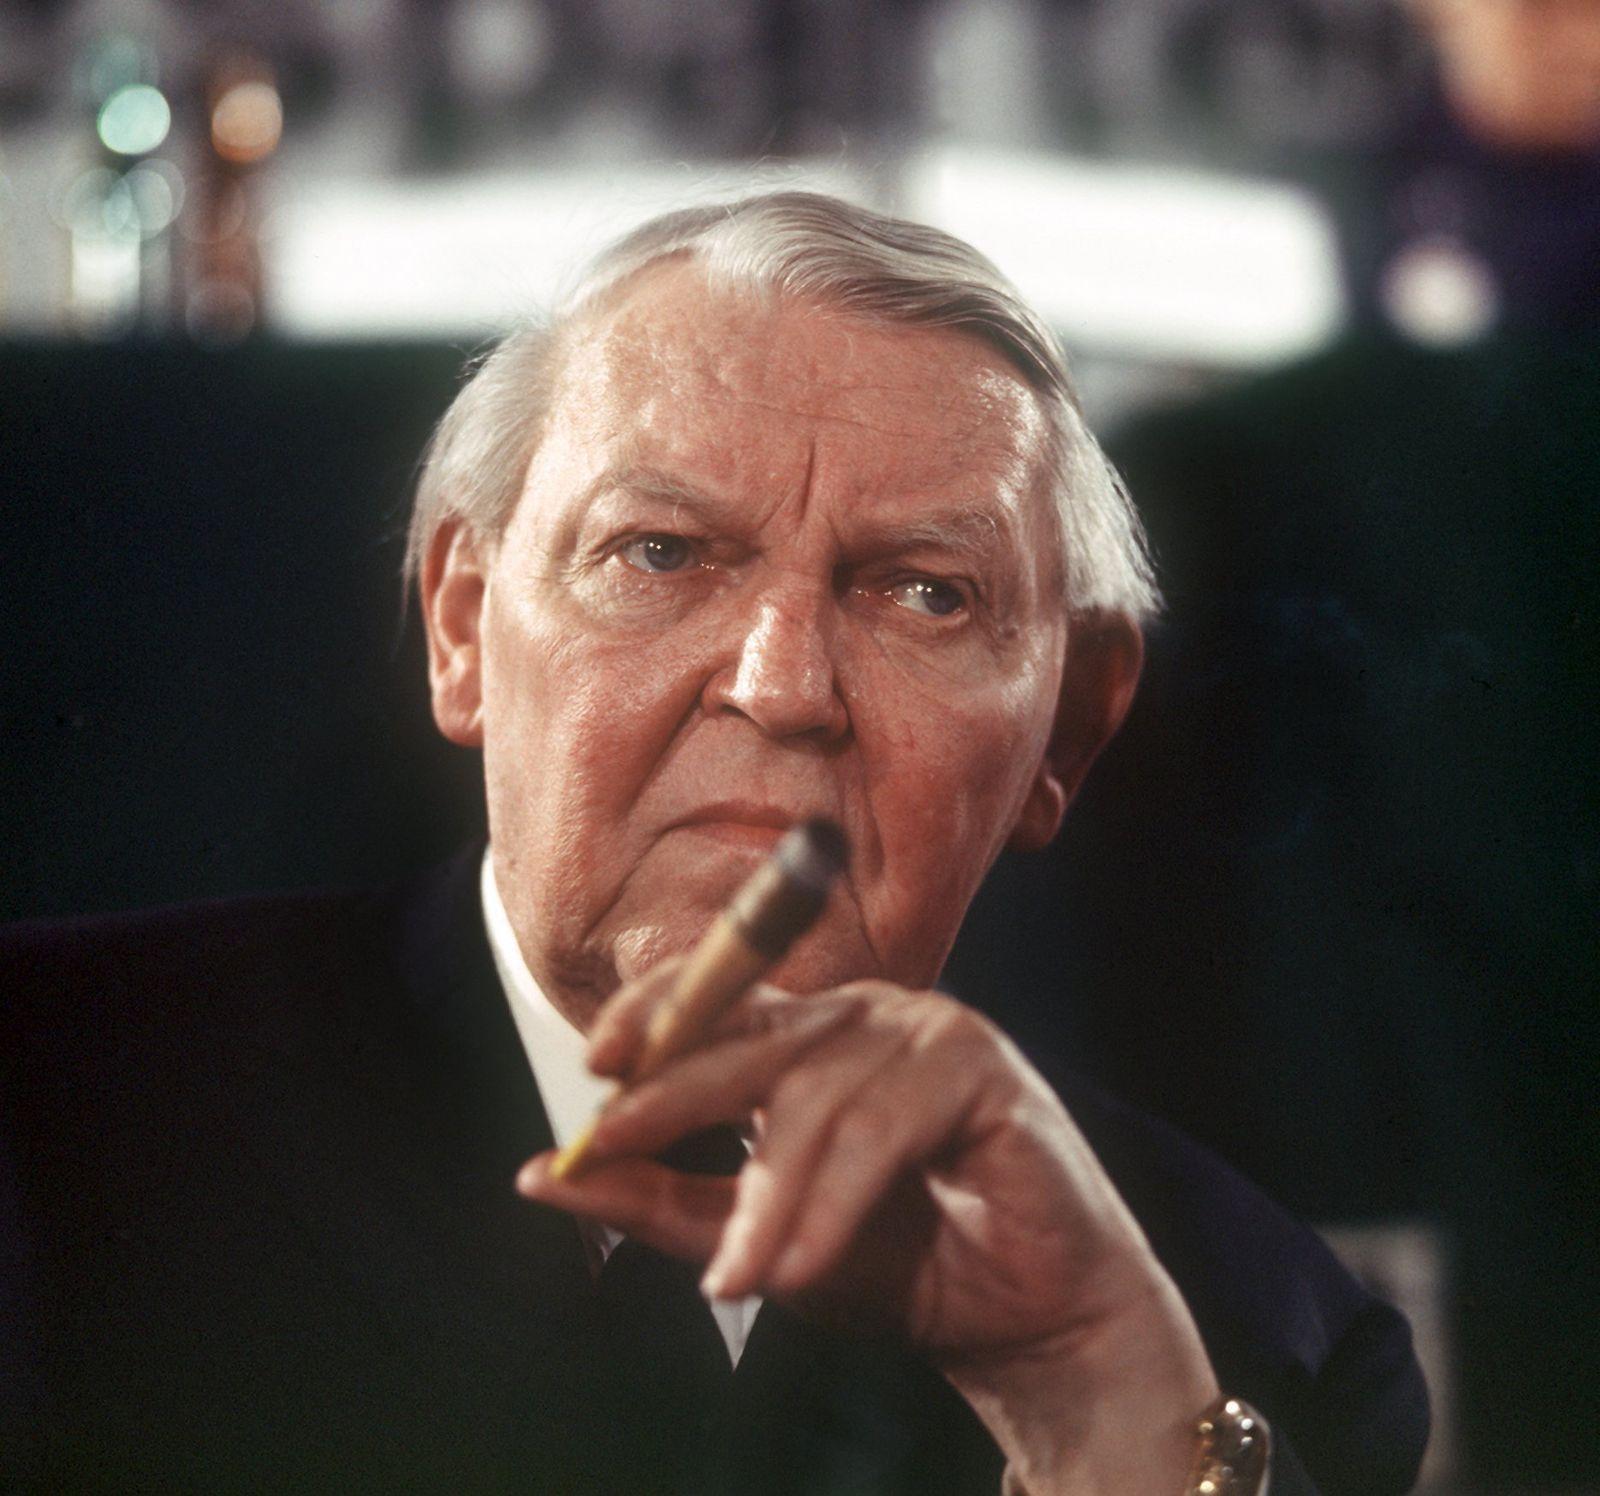 Ludwig Erhard mit Zigarre